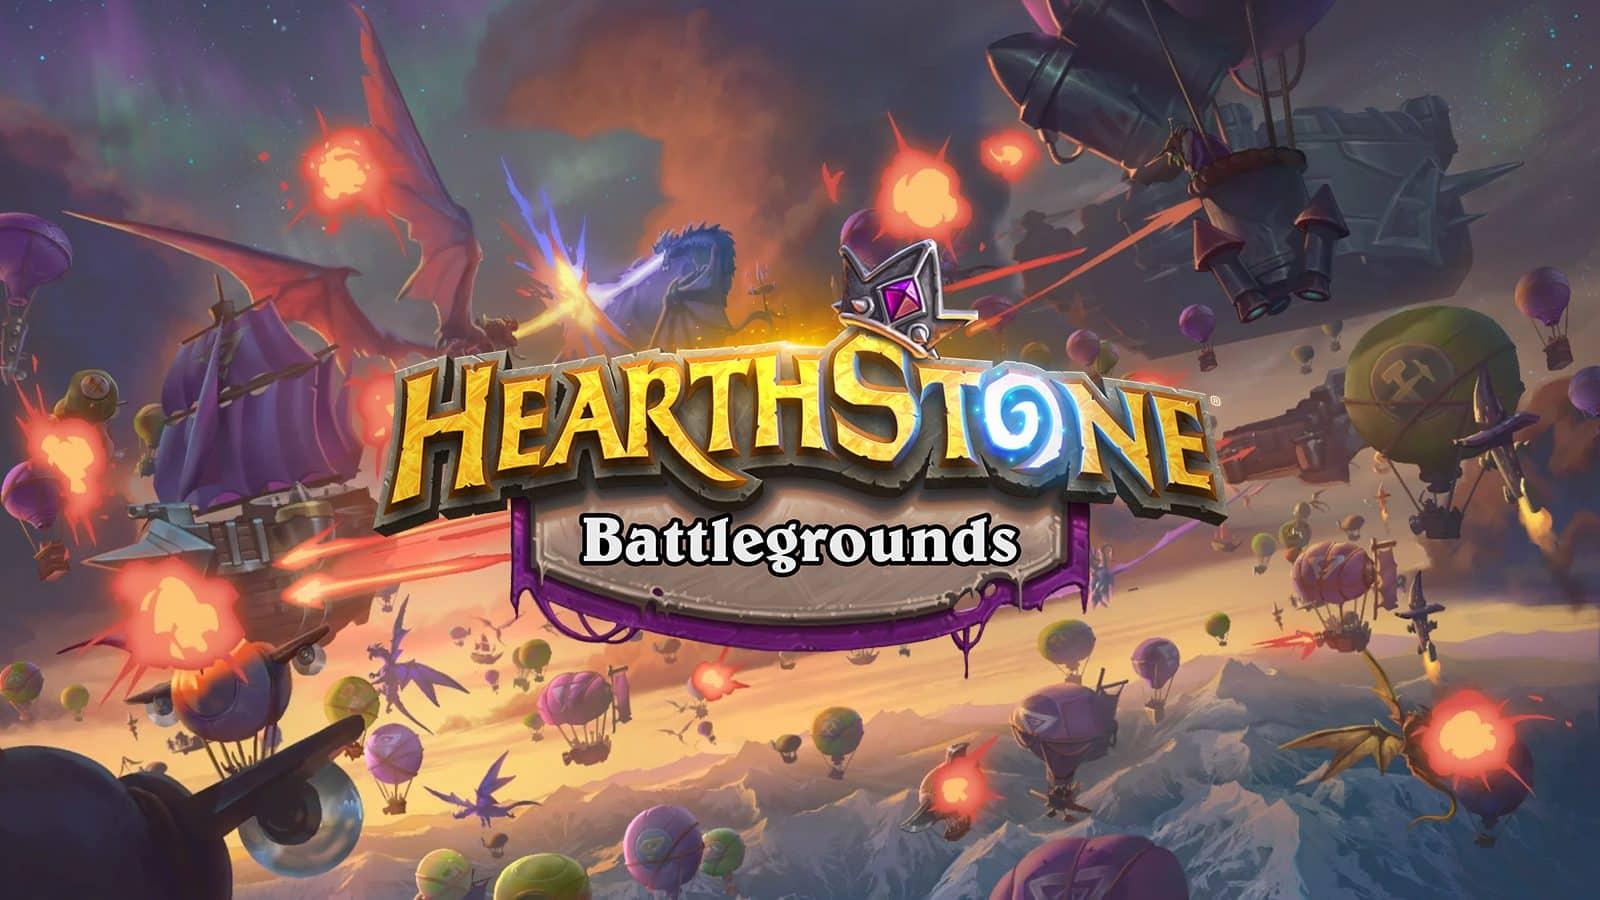 vignette-hearthstone-meilleurs-heros-hs-battlegrounds-guide-tier-list